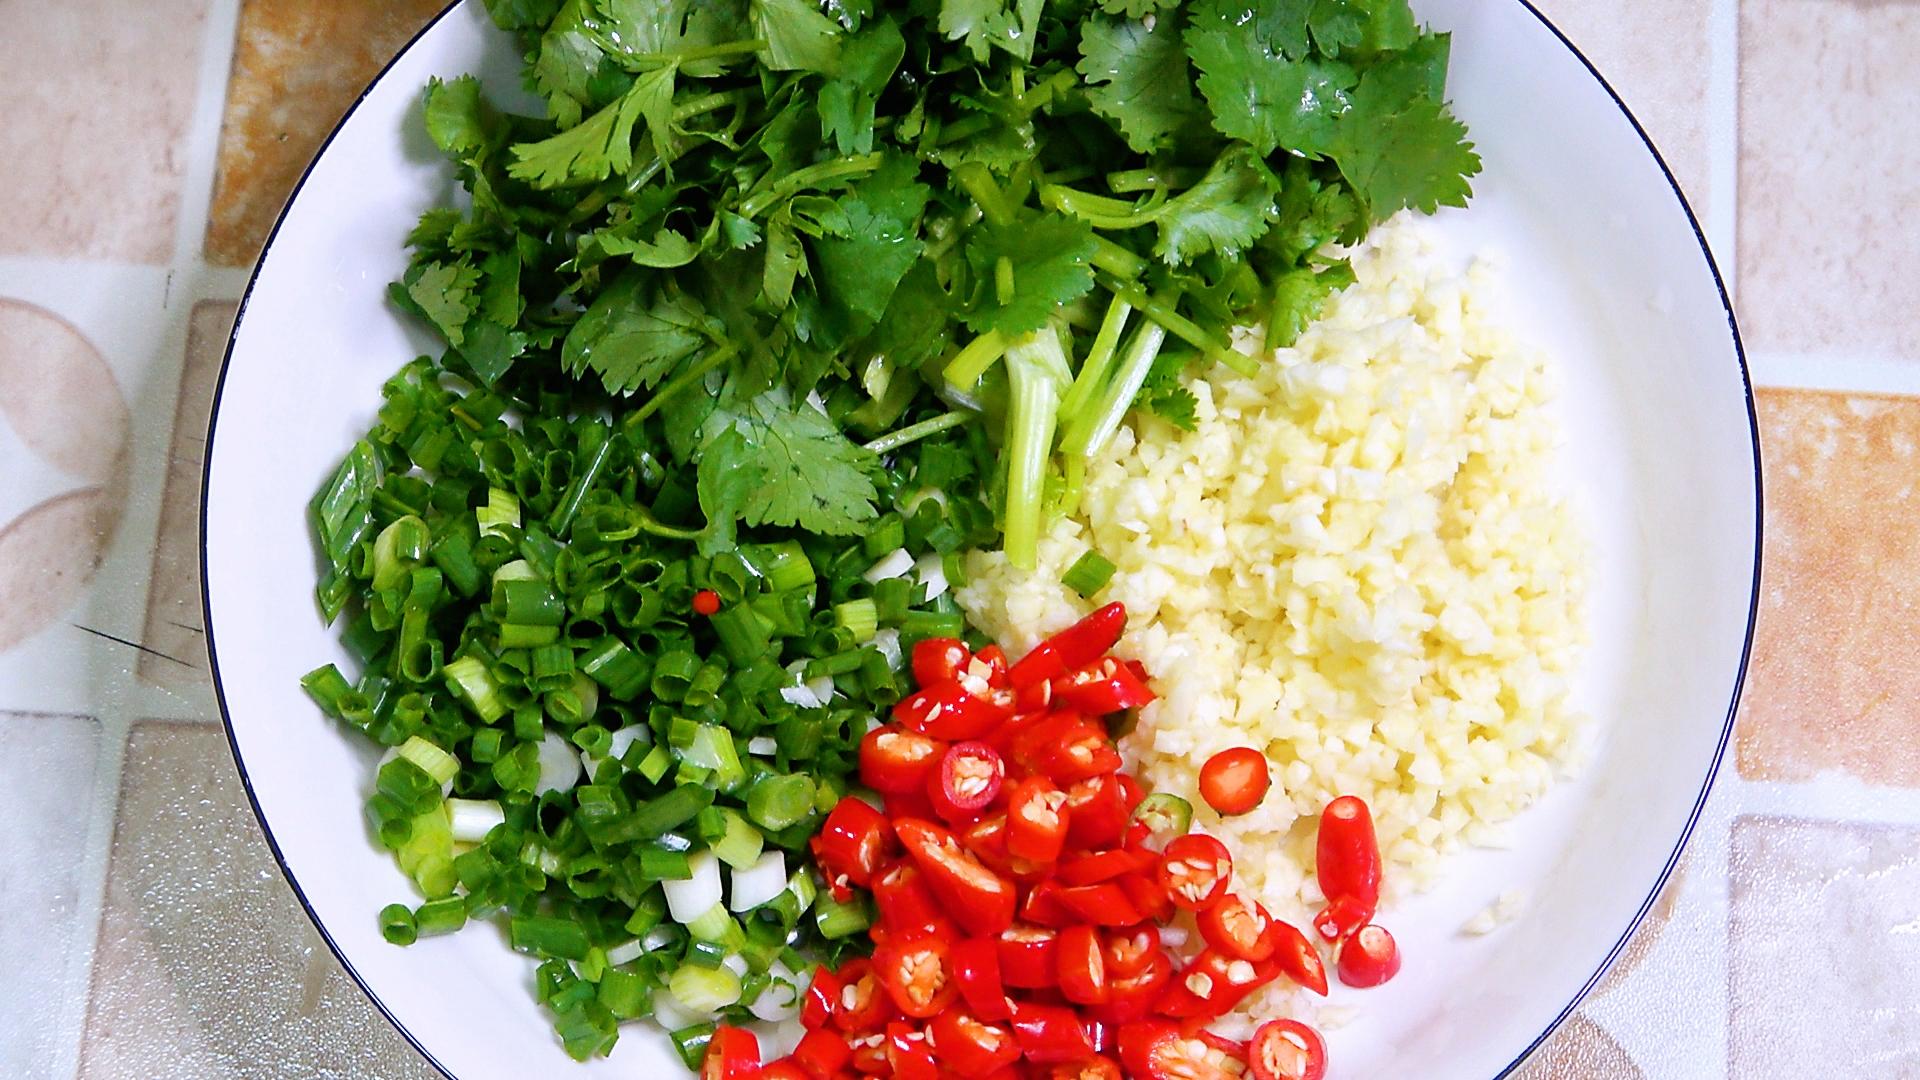 炖羊肉汤,切记不要直接炖,多加2步,汤浓味鲜无膻味,白如牛奶